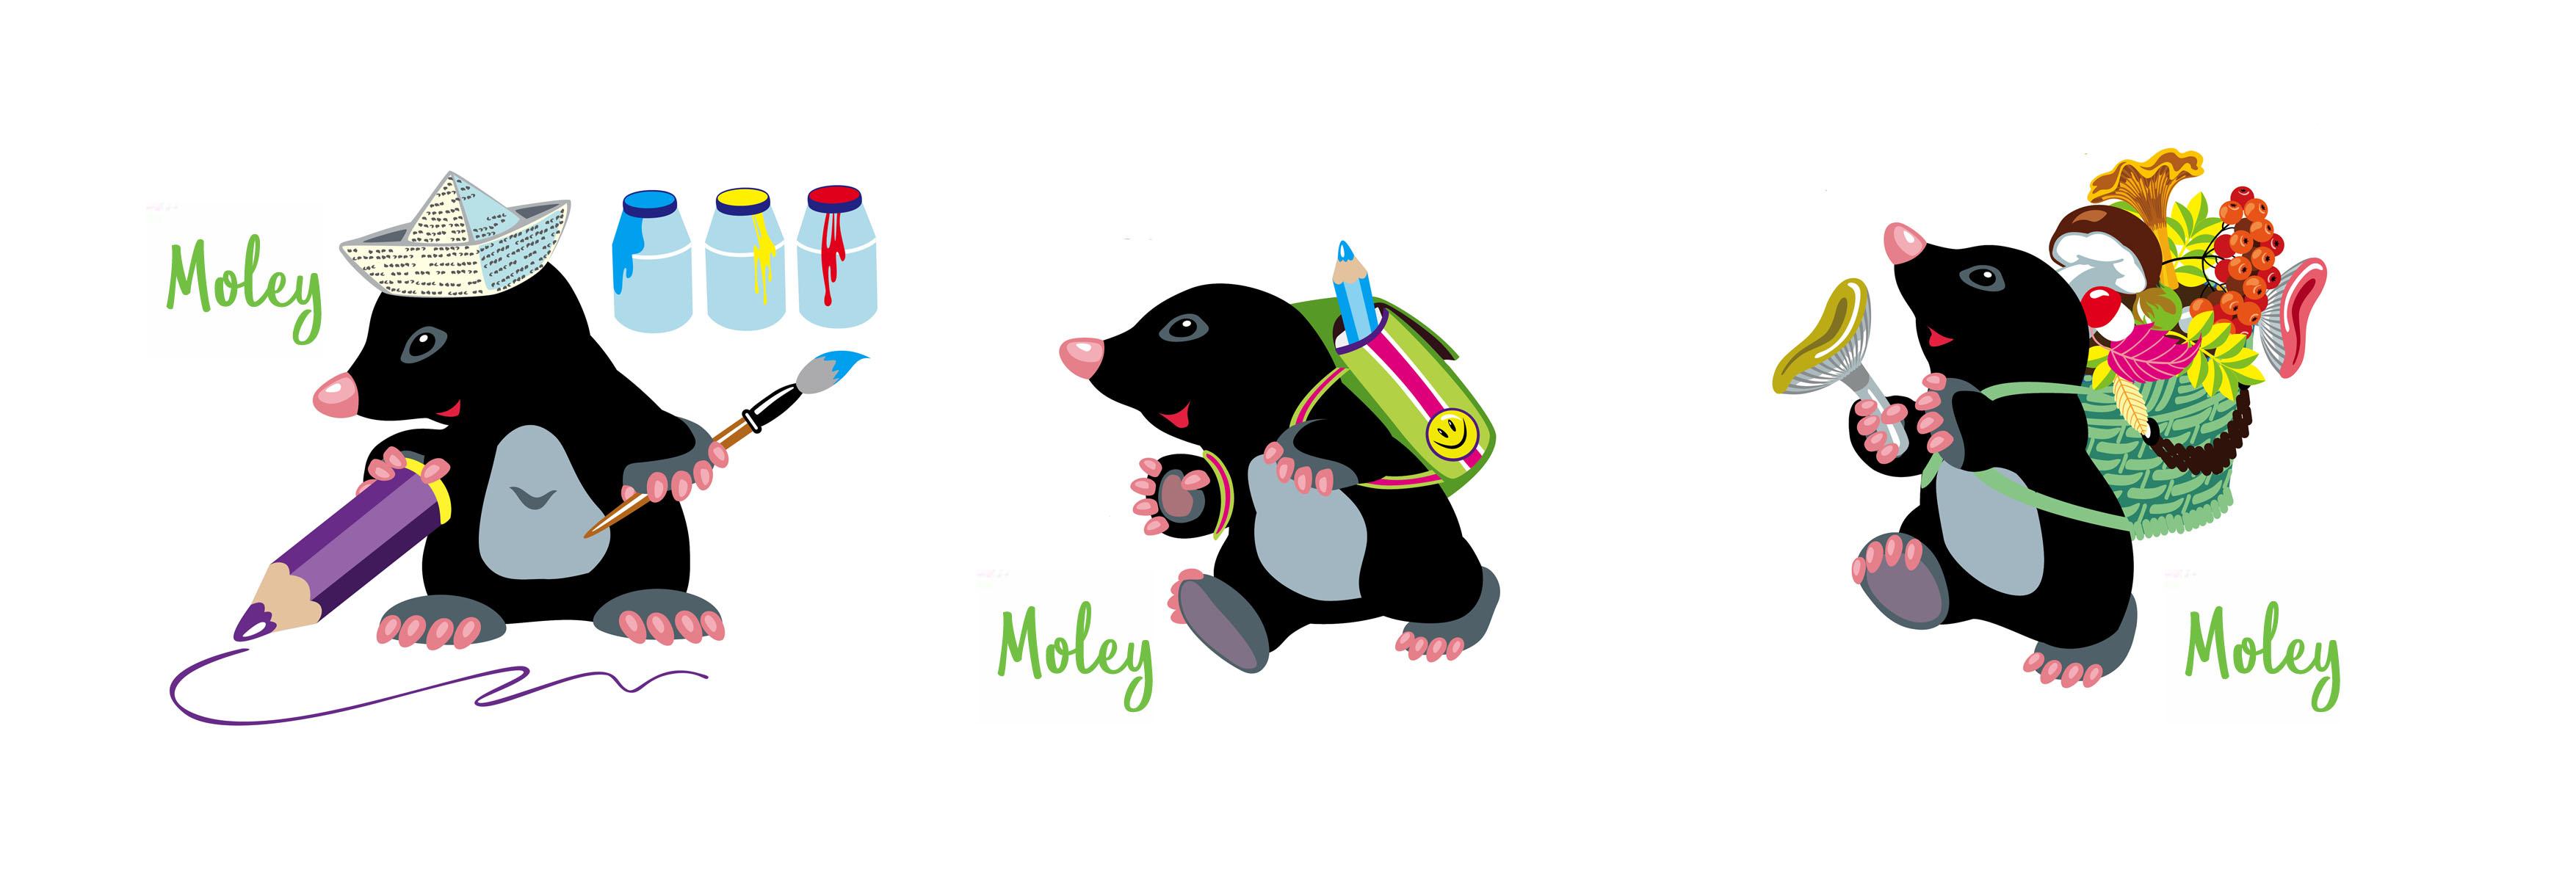 River Mole Pre School Character